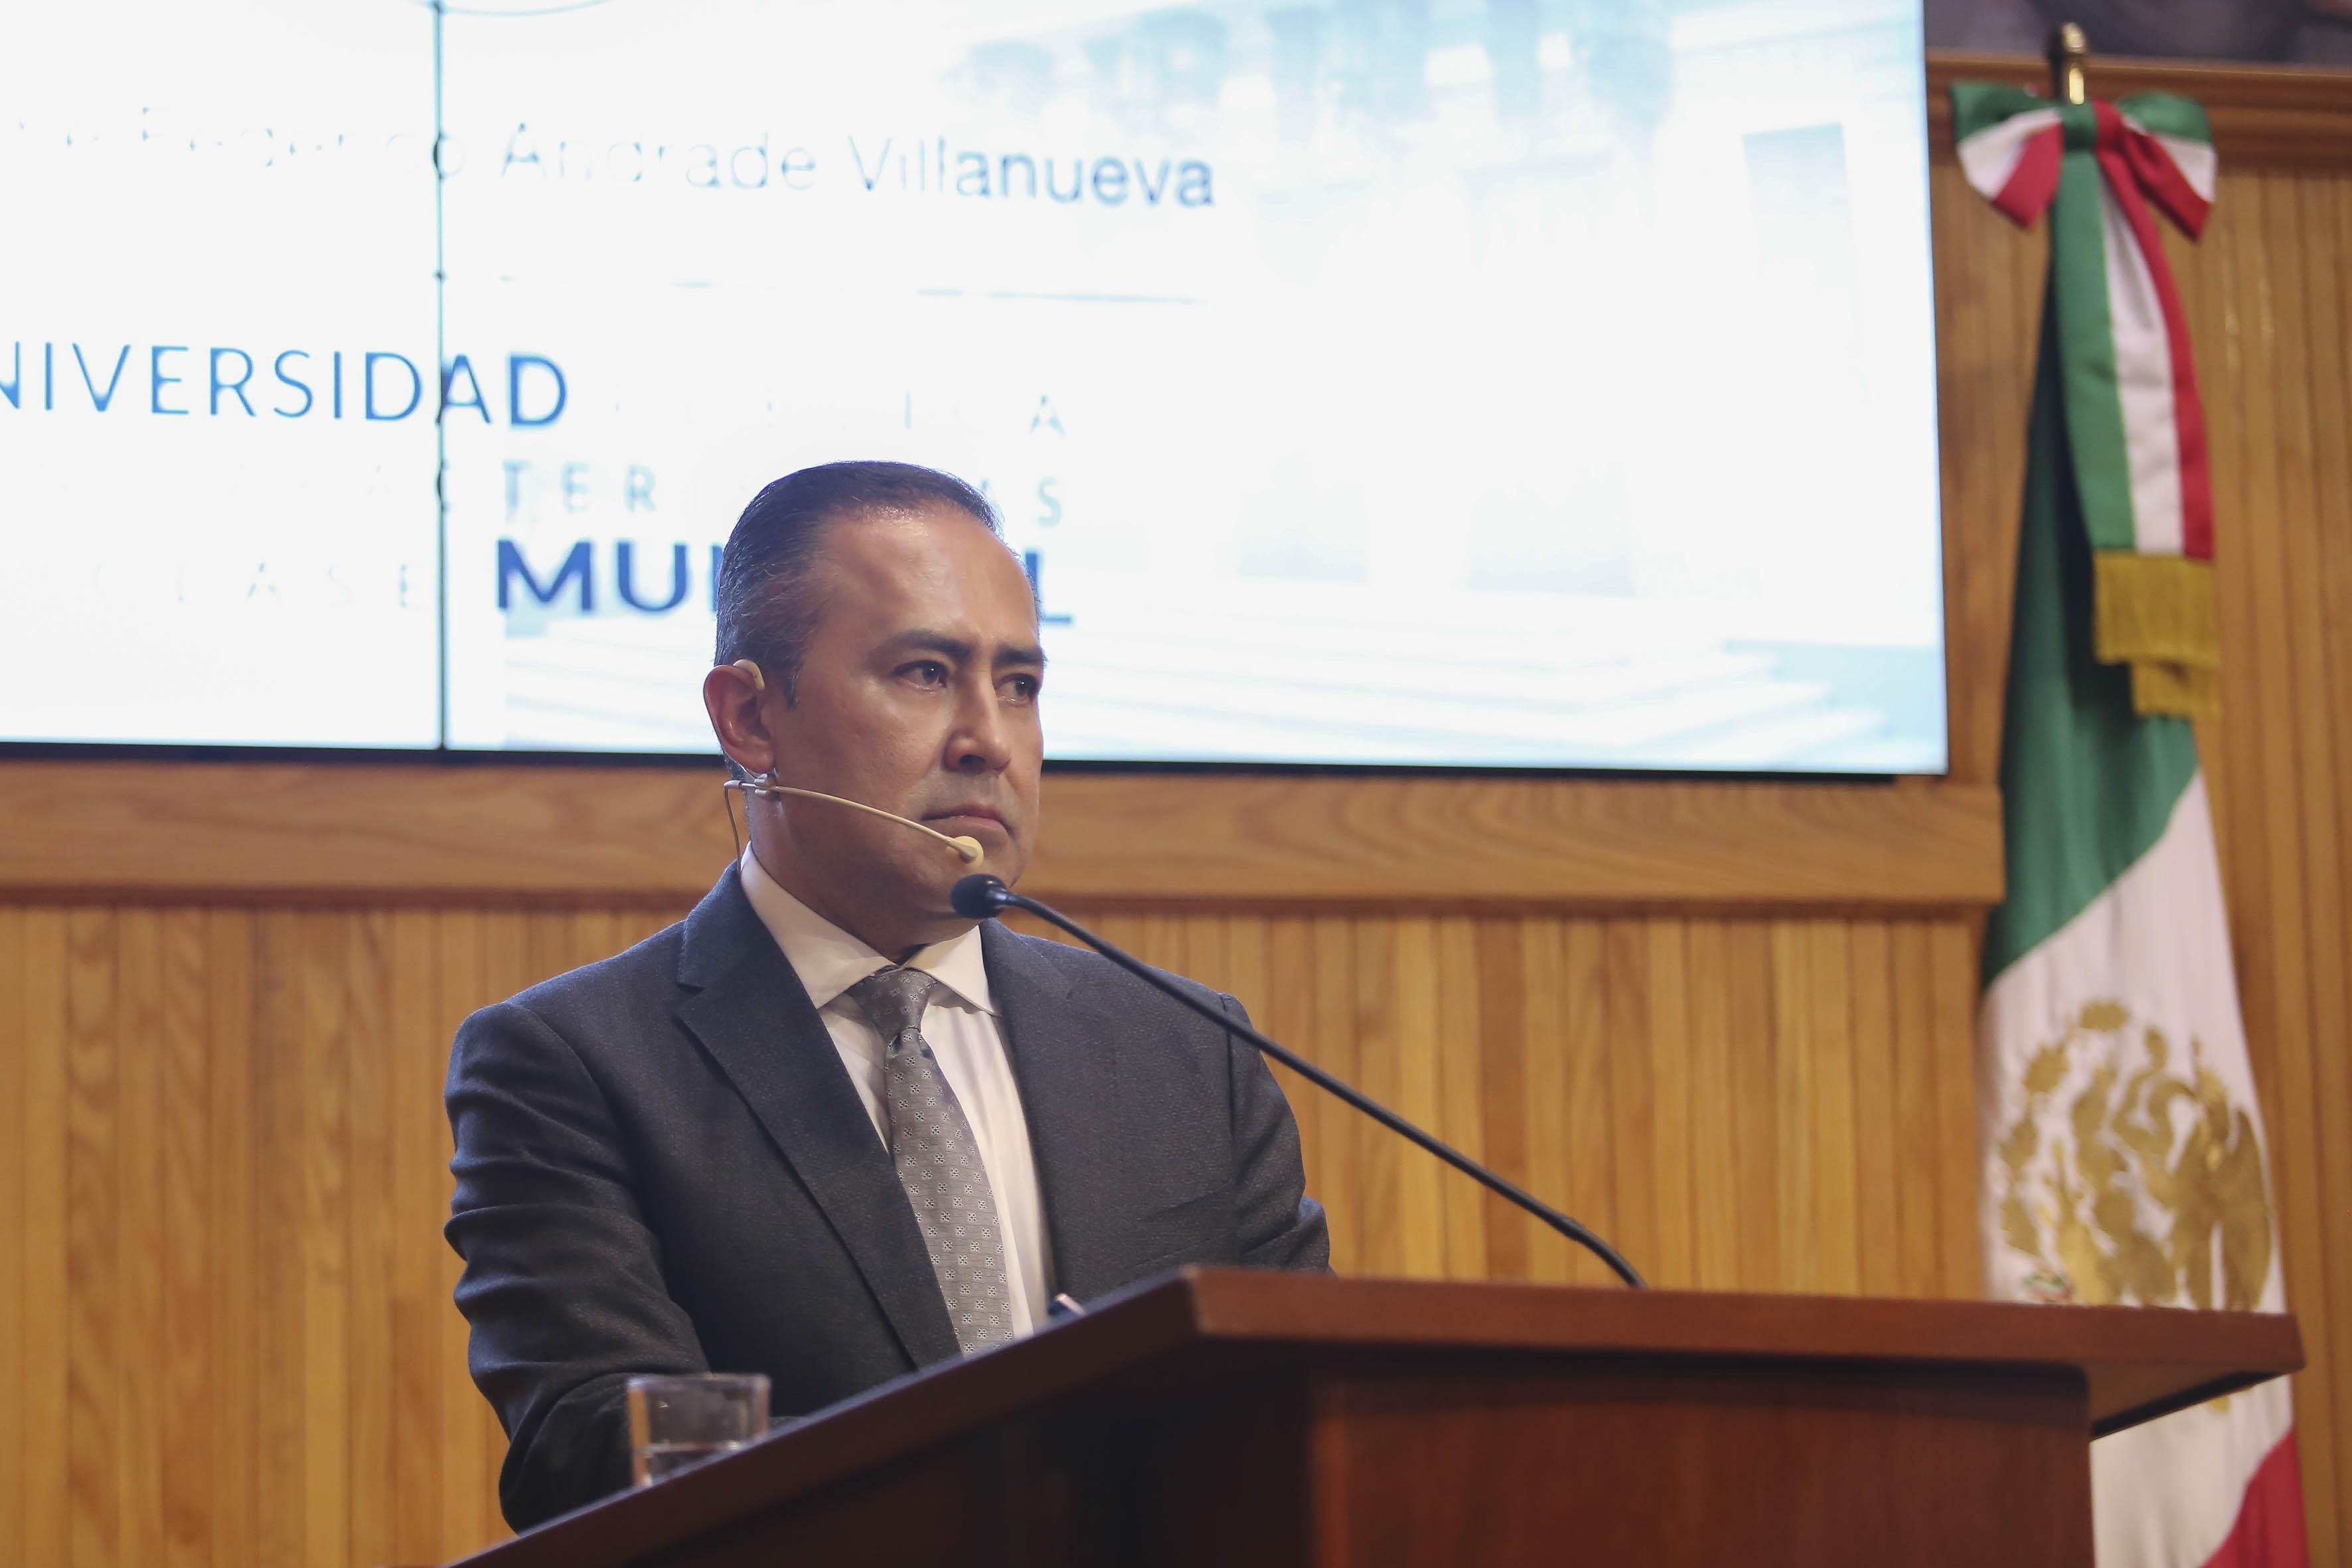 Dr. Jaime Andrade en el pódium escuchando una pregunta de los consejeros